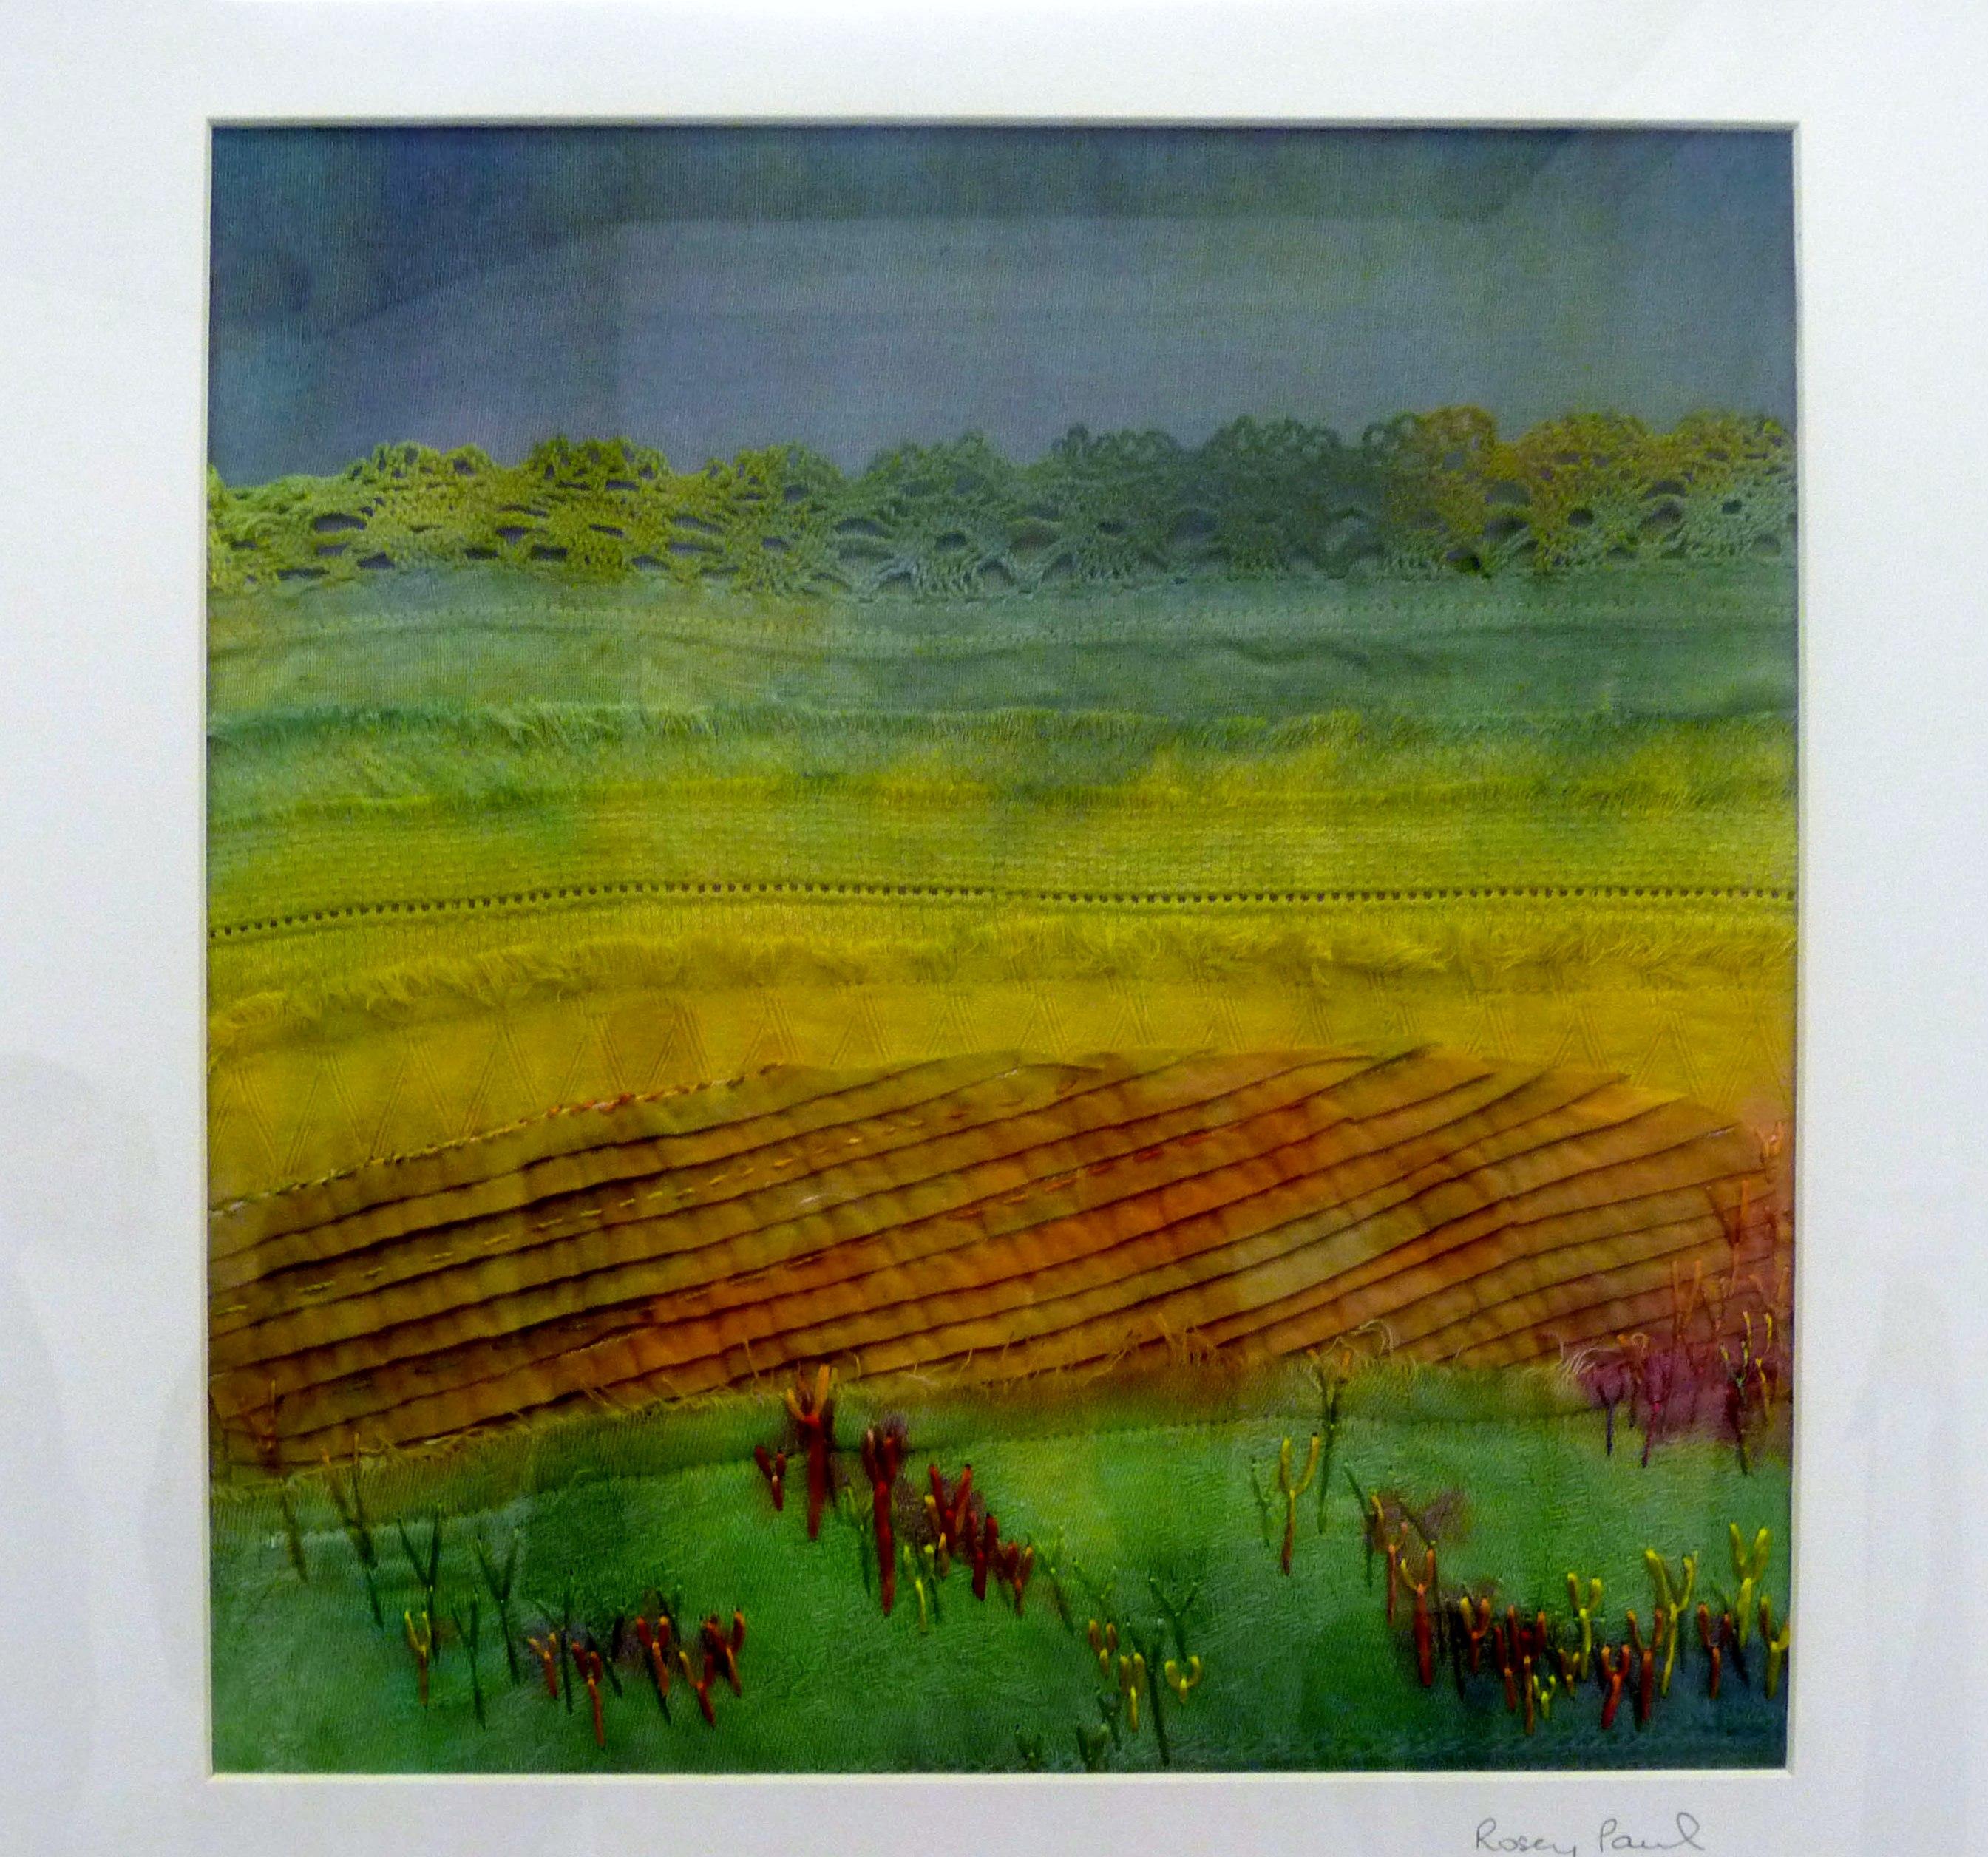 OCHRE FIELDS (iii) by Rosey Paul, textile